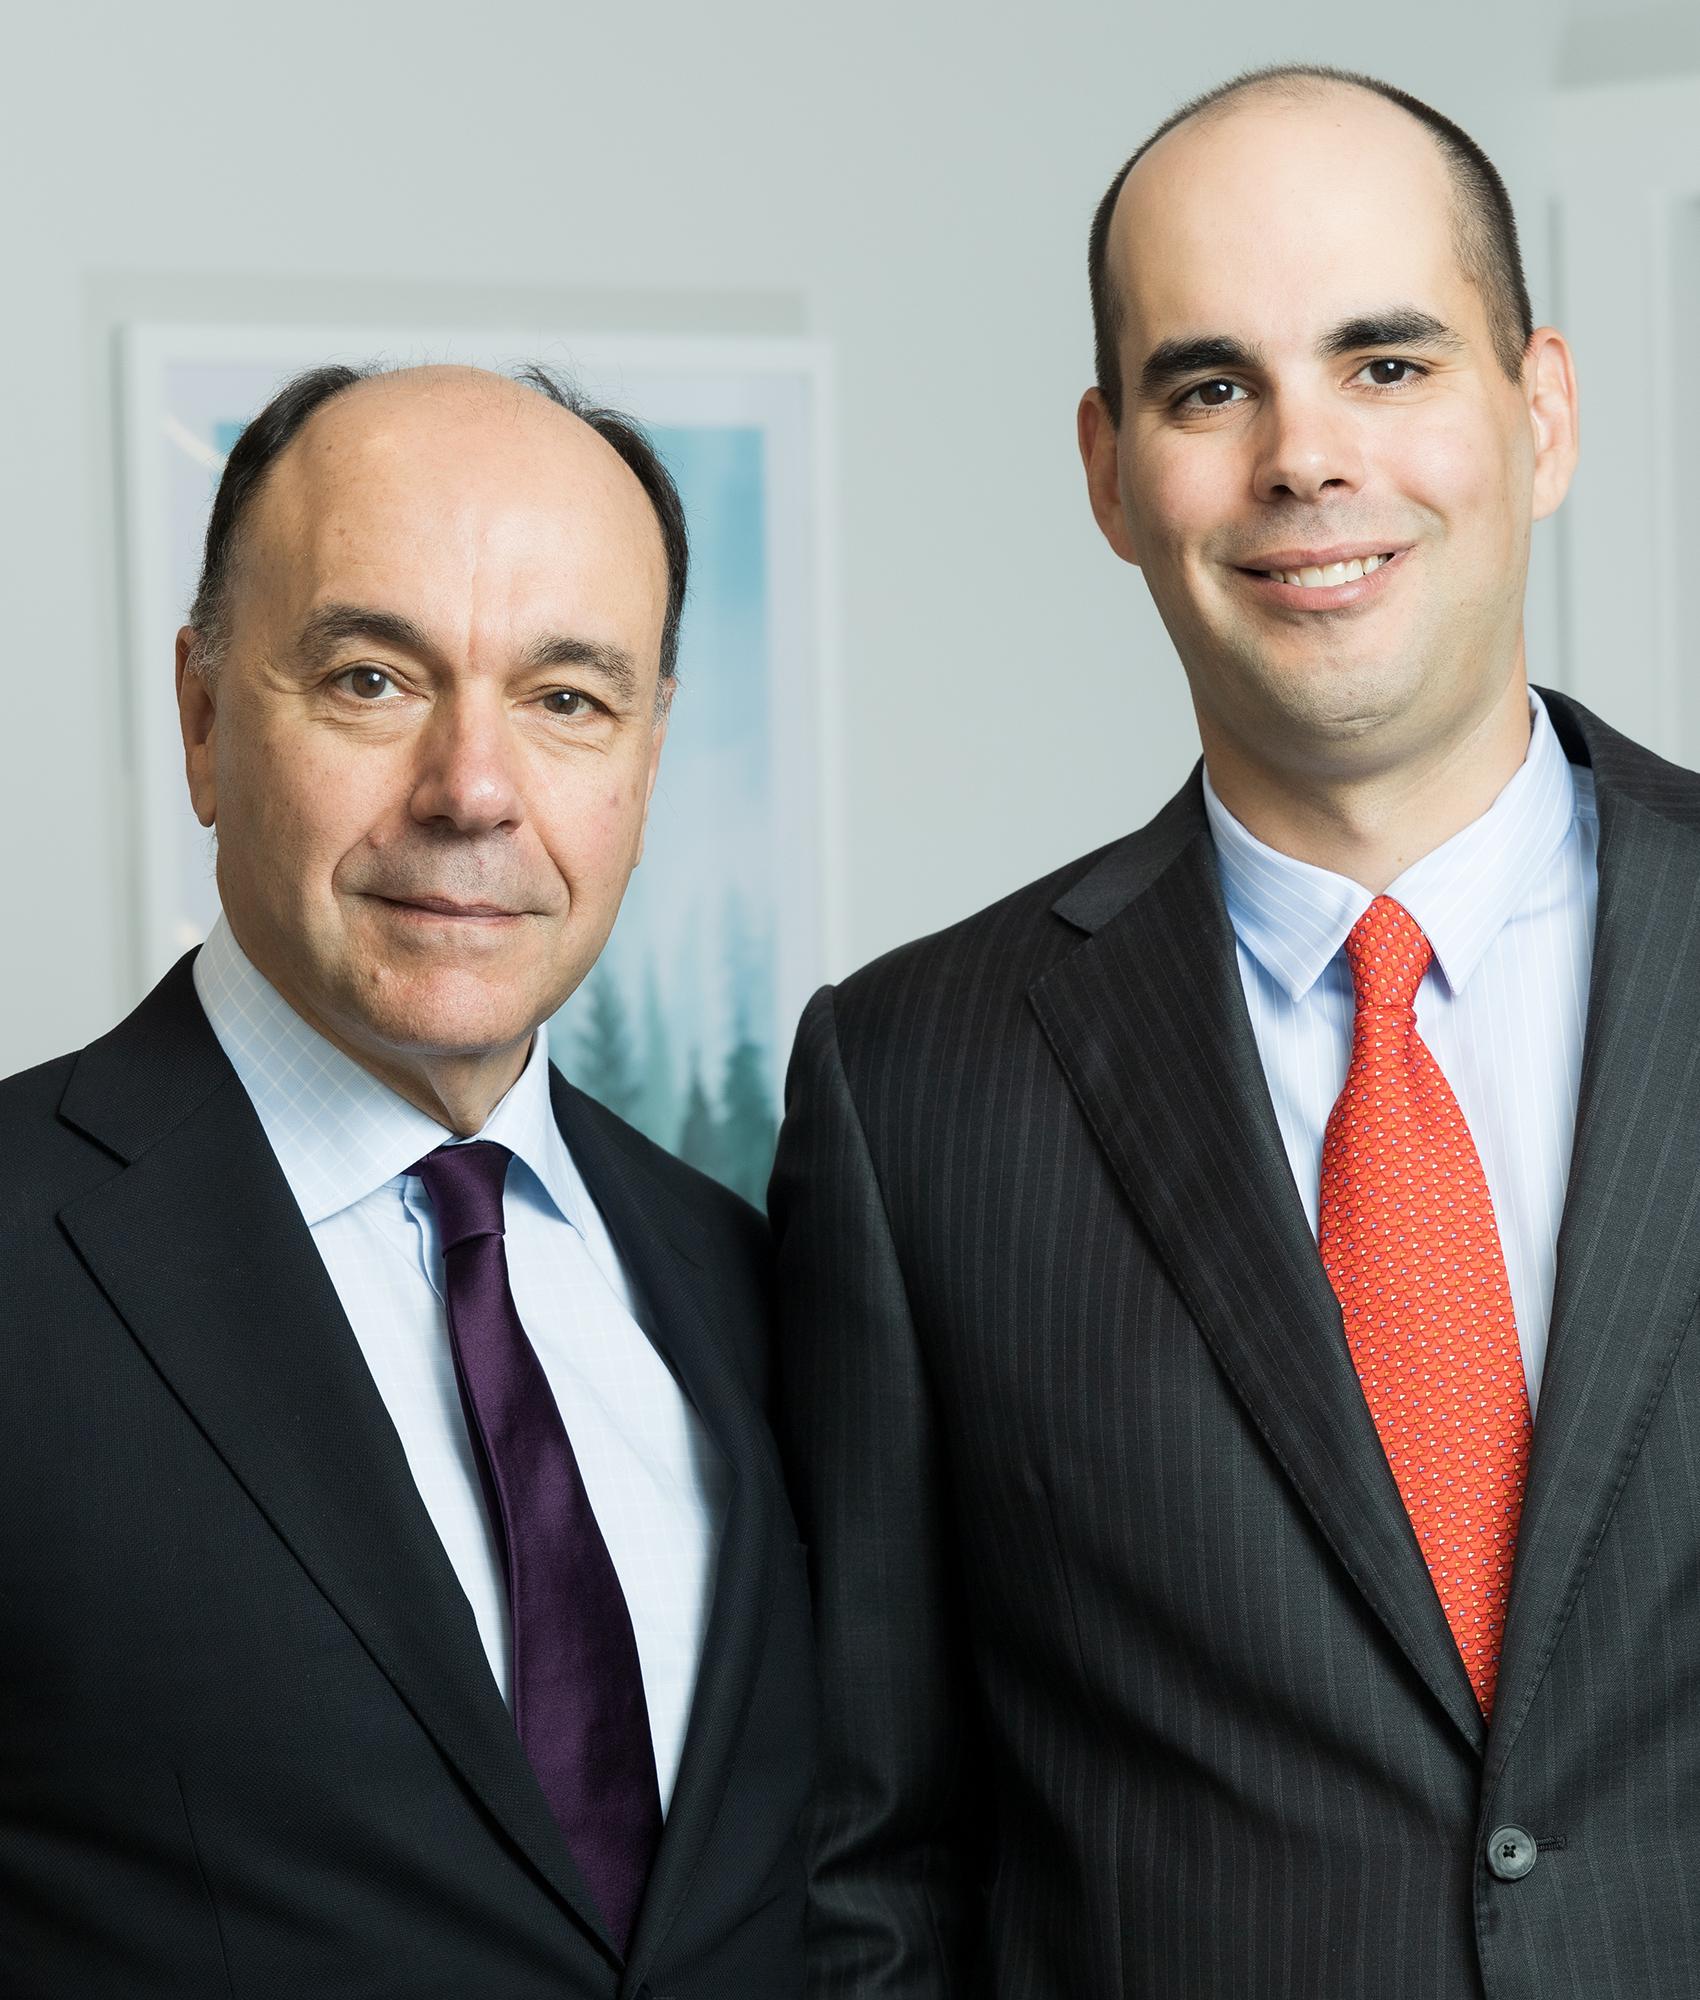 Drs. Jose and Dan Peraza